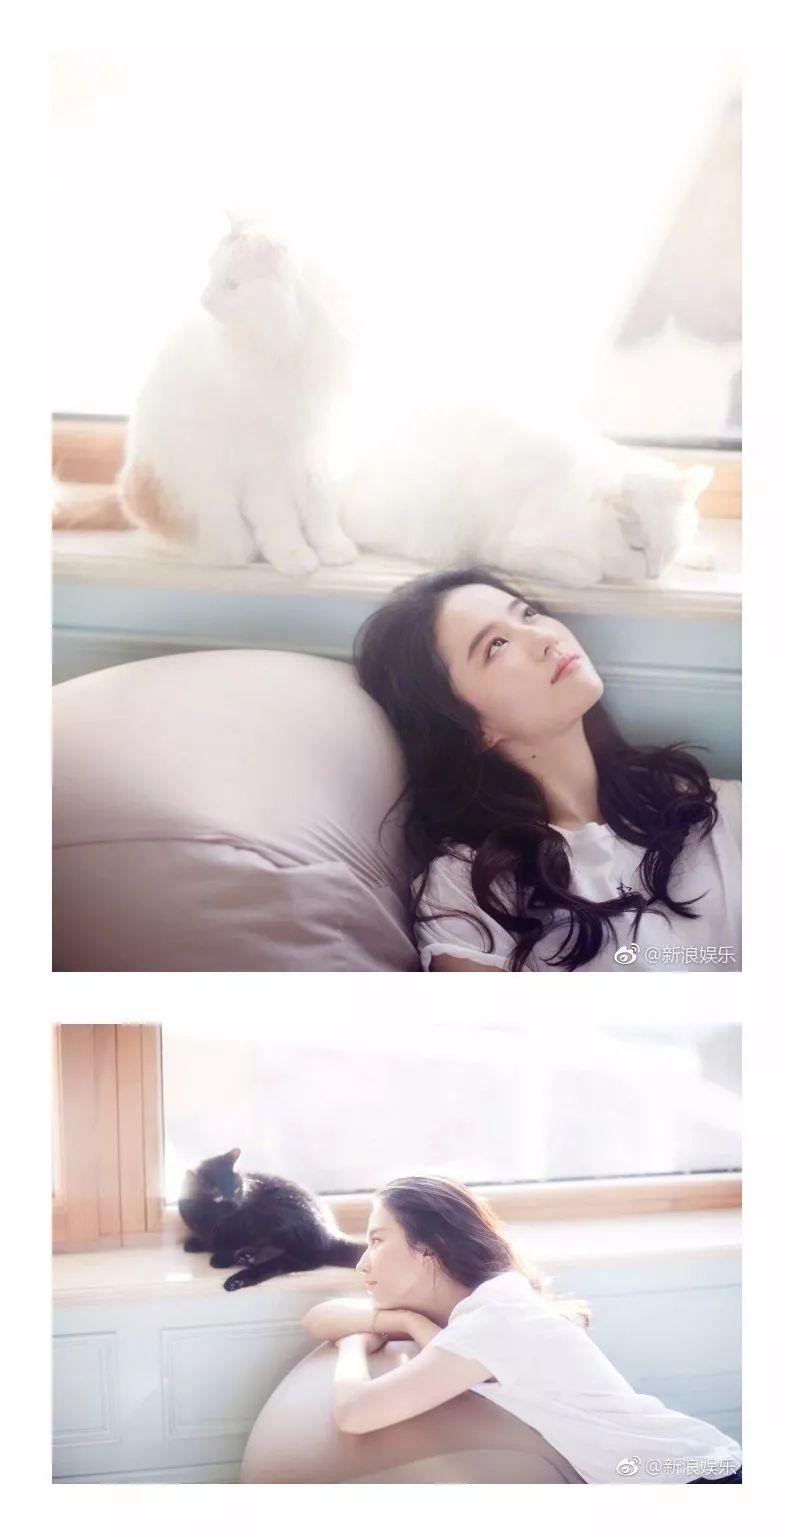 二代妖精 | 刘亦菲-第3张图片